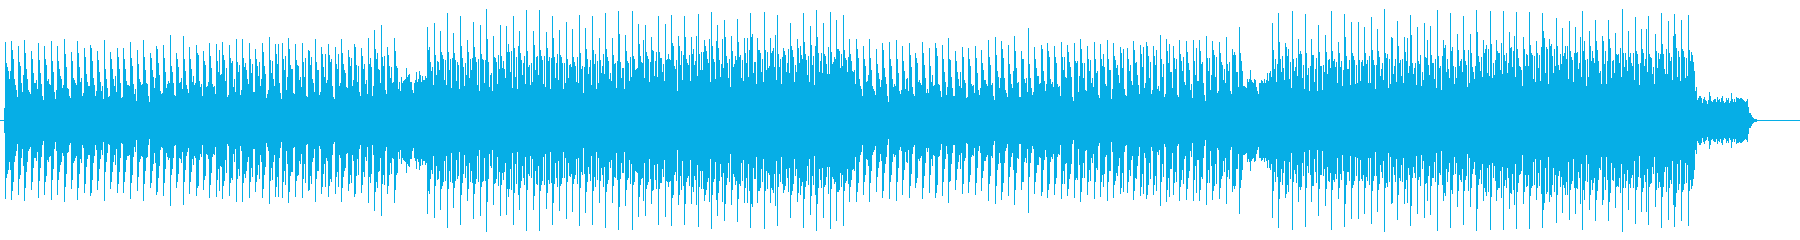 ゲーム、映像 ダークで不気味なエレクトロの再生済みの波形